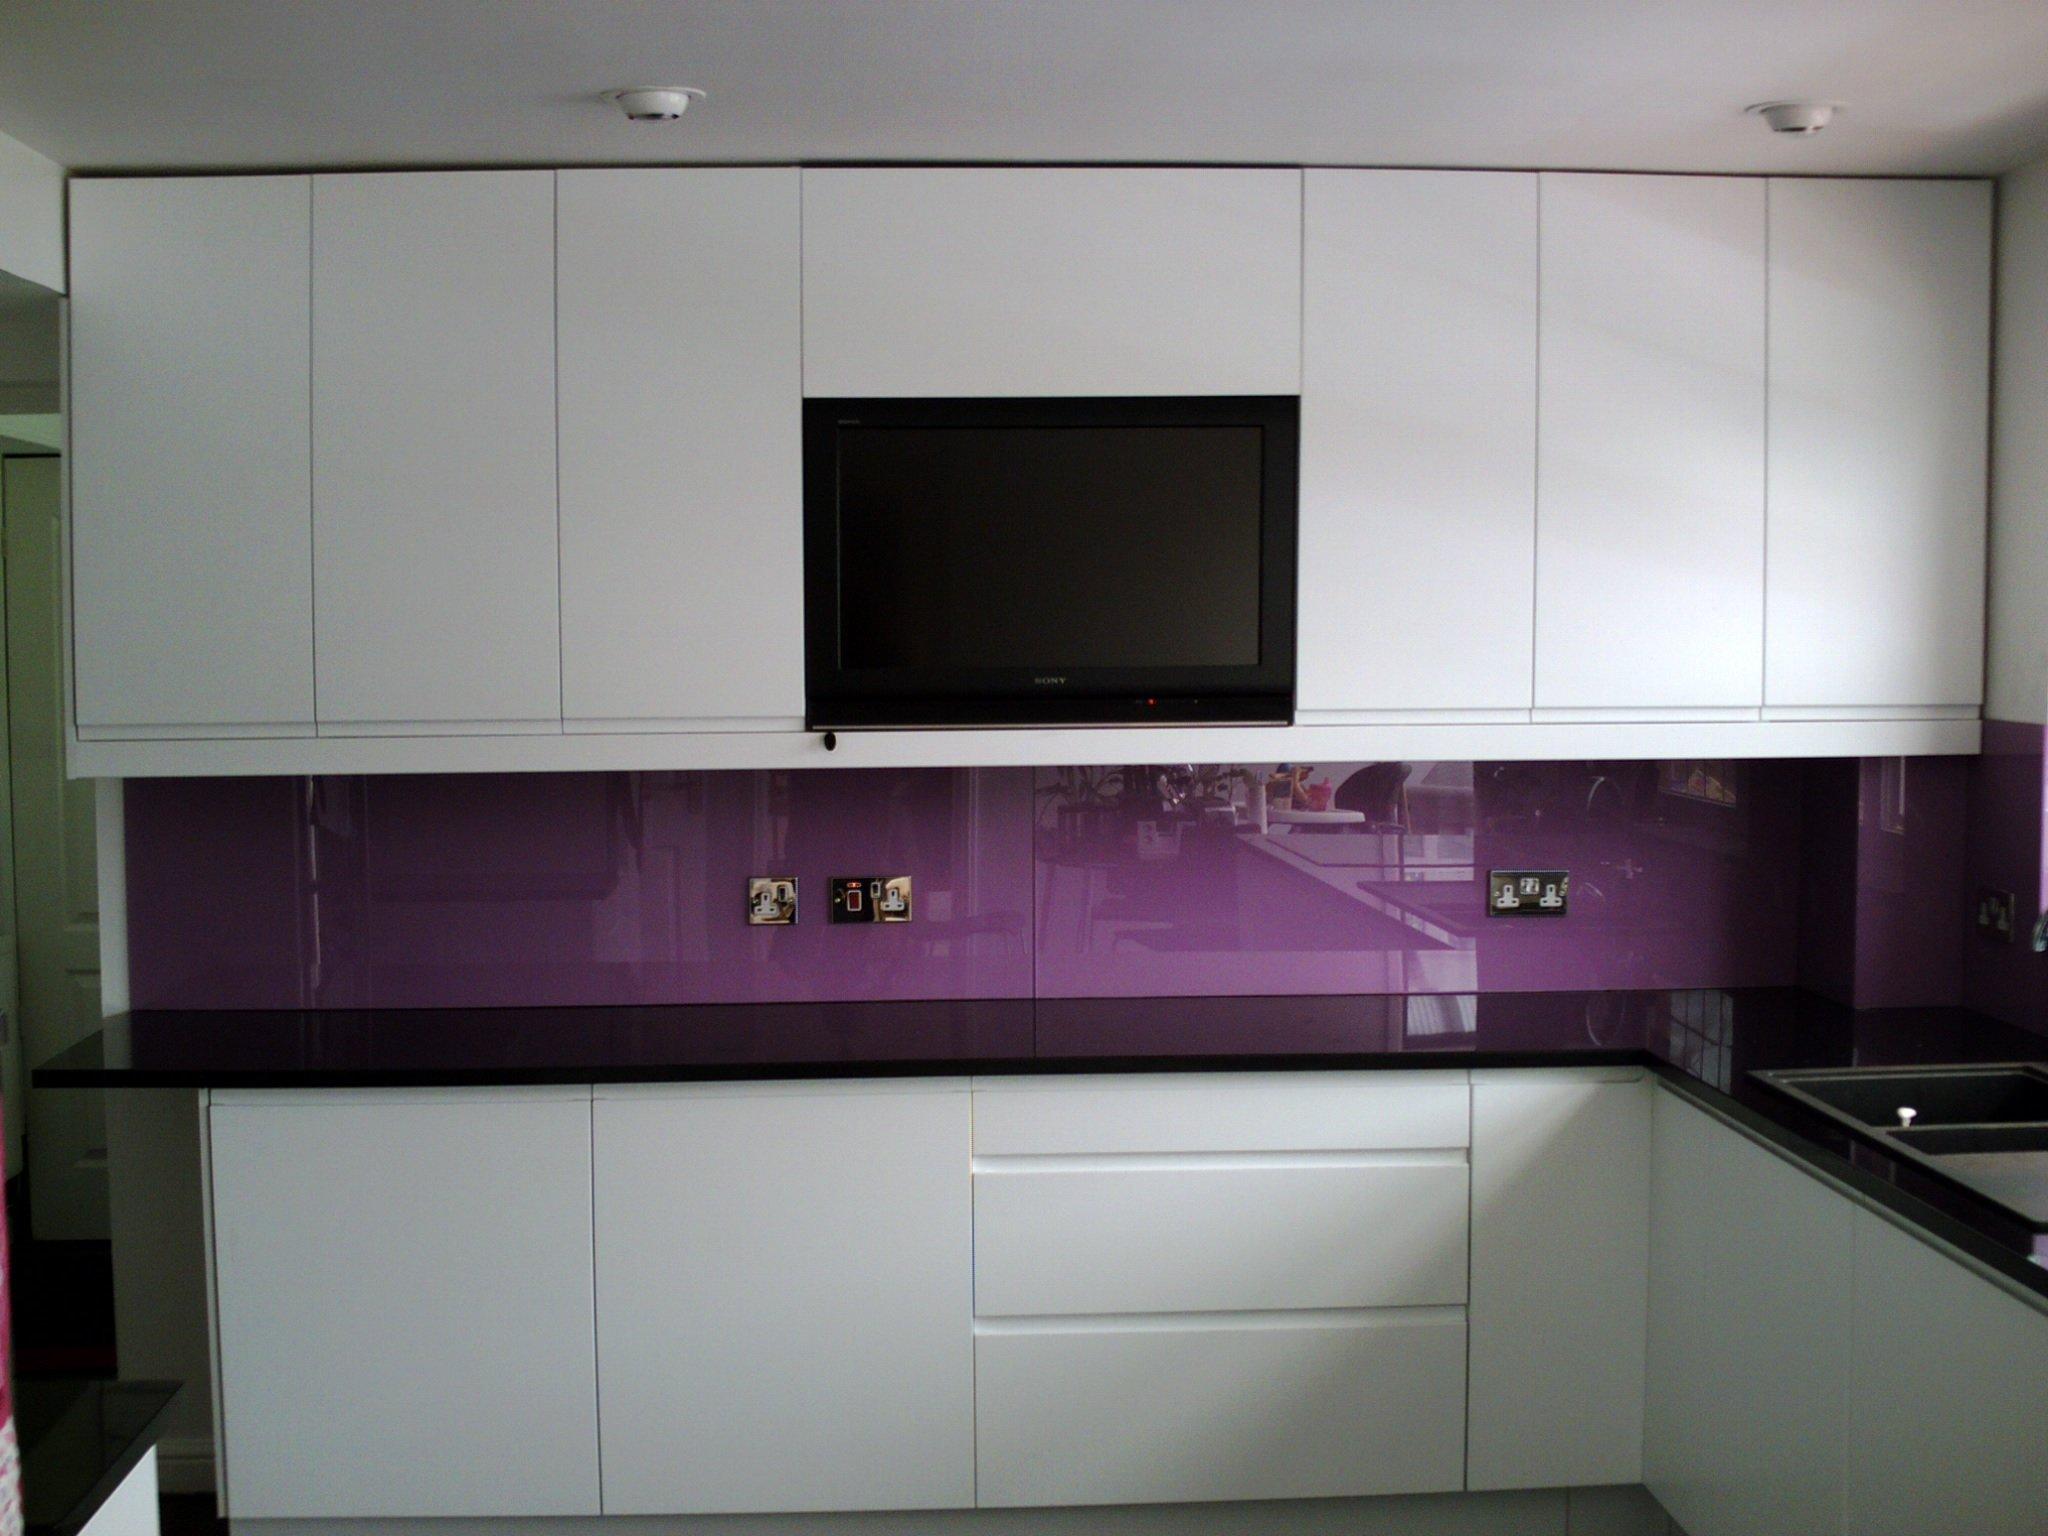 Kitchen worktop installers